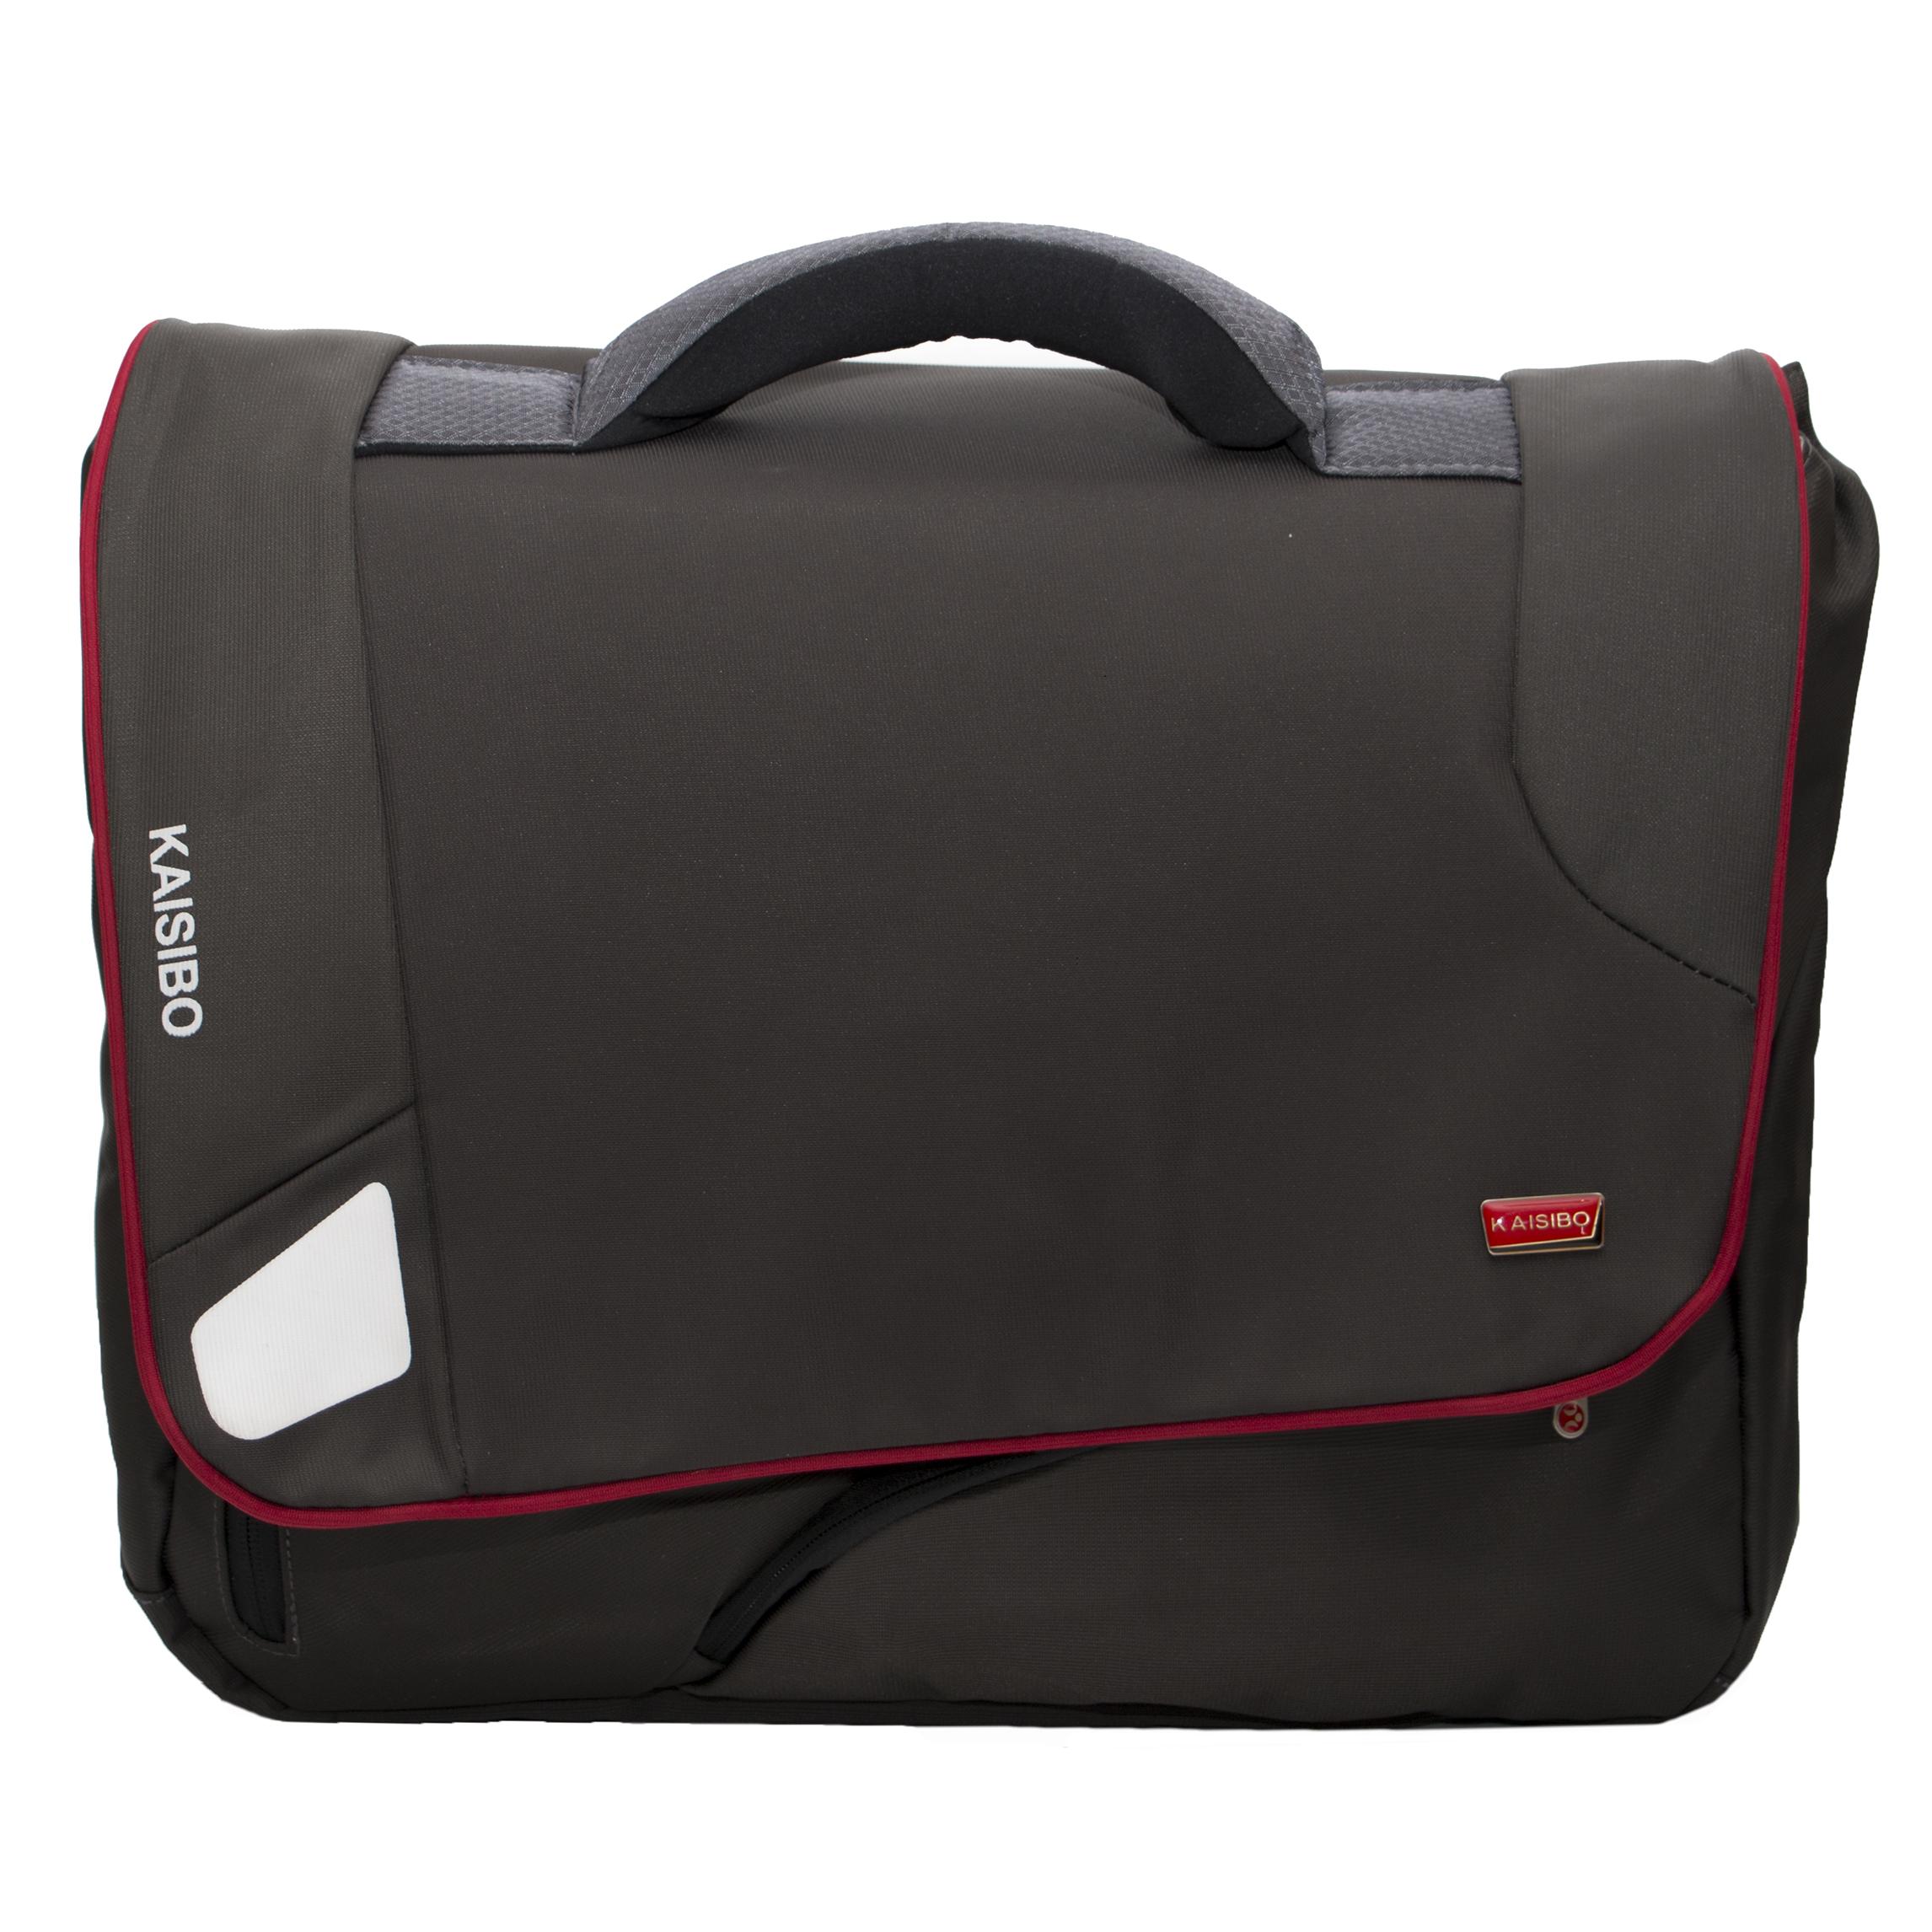 بررسی و {خرید با تخفیف} کیف لپ تاپ مدل KA-8450 S مناسب برای لپ تاپ 13 اینچی غیر اصلاصل